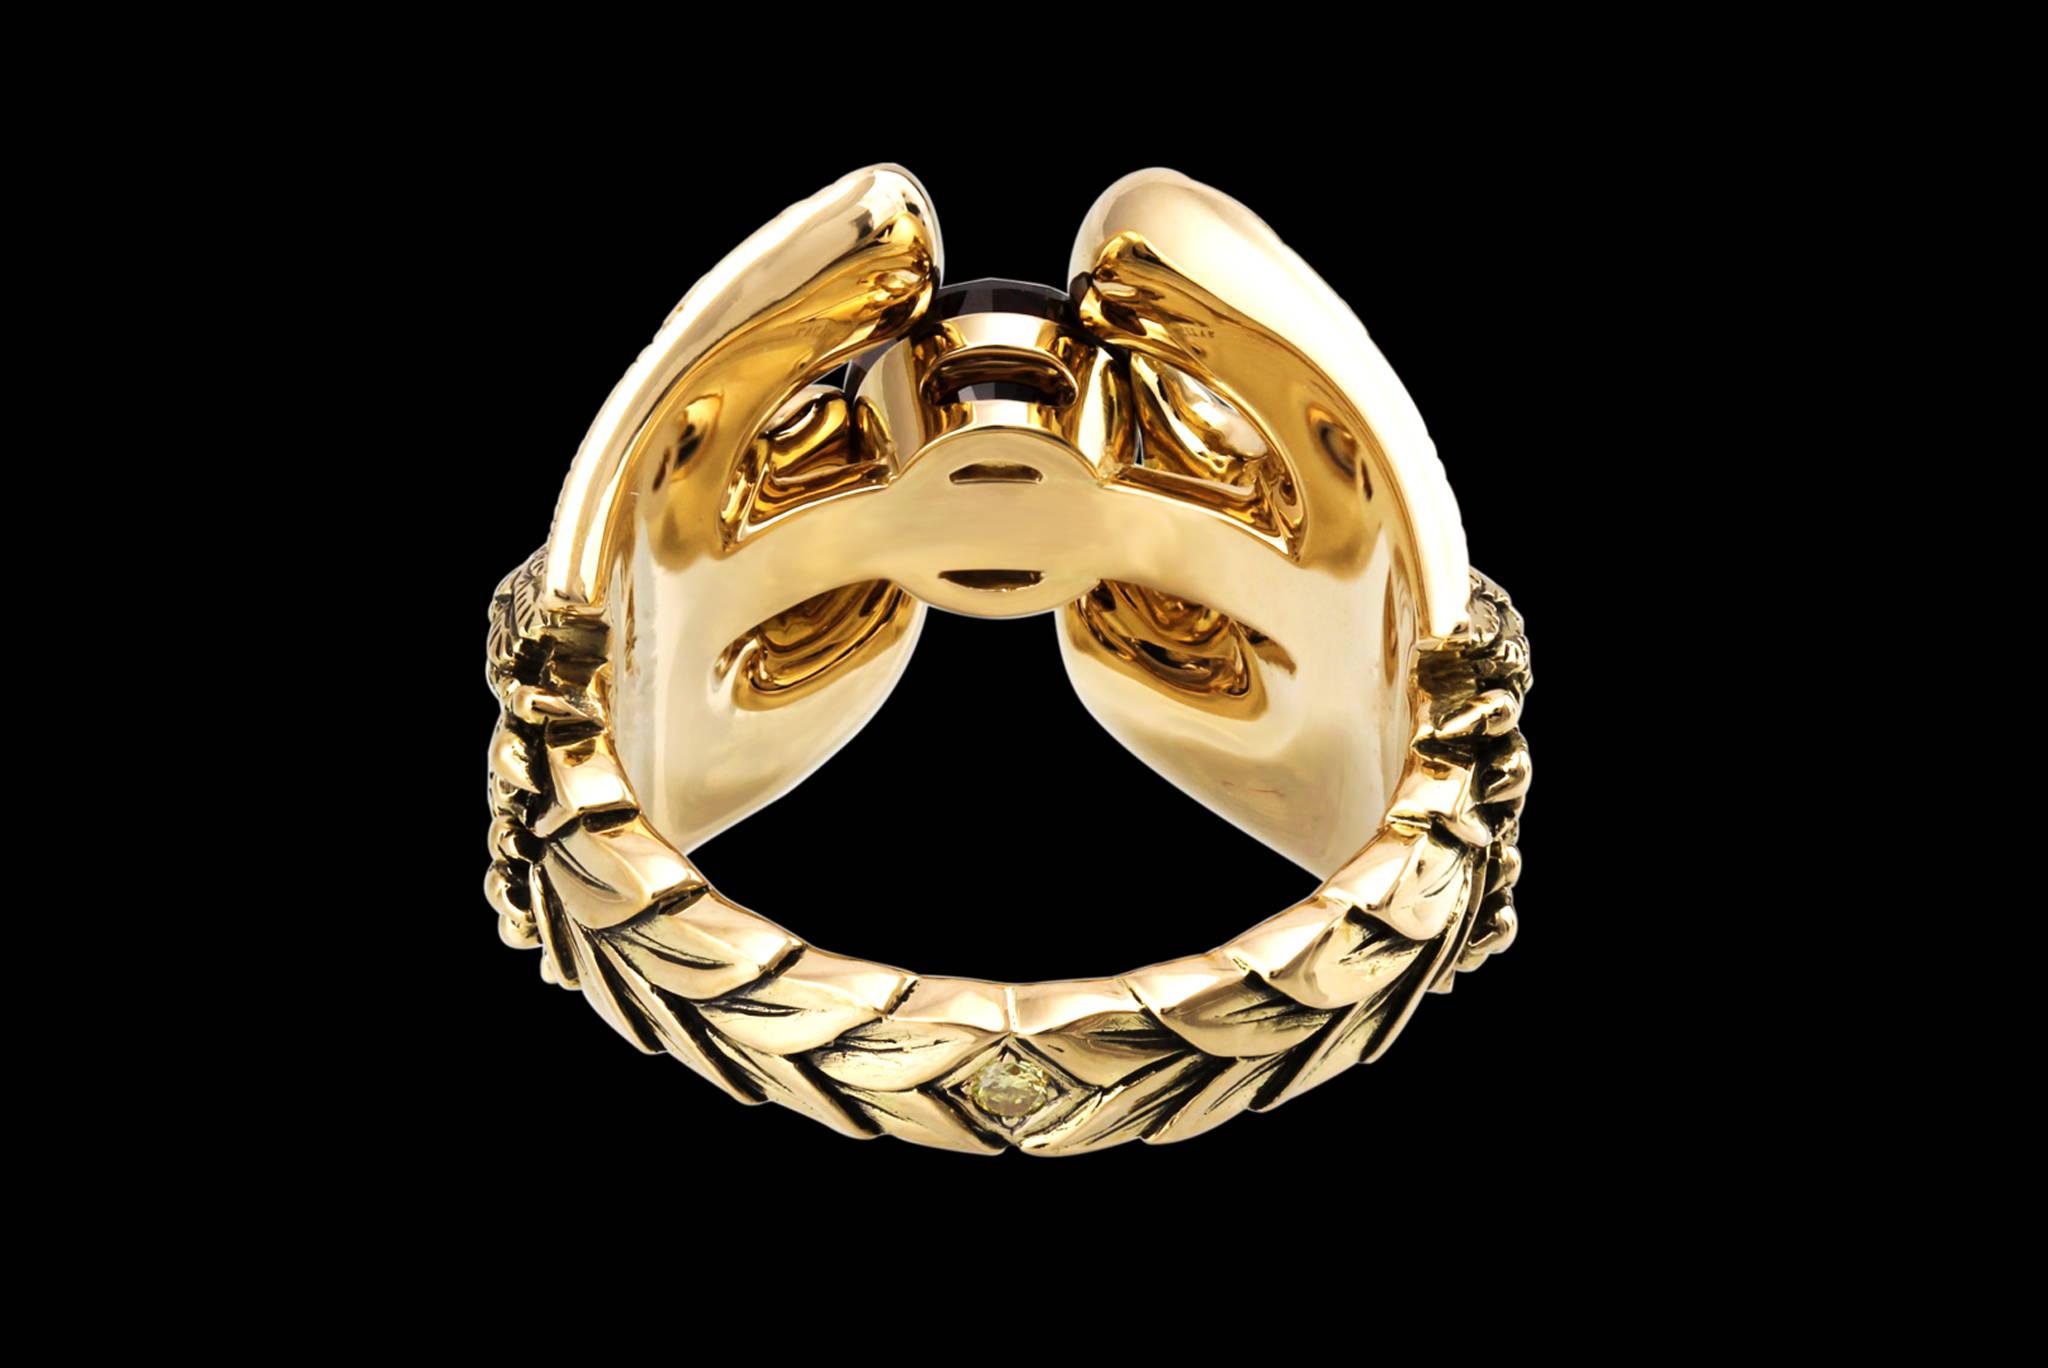 Imperium Romanum Ring back view